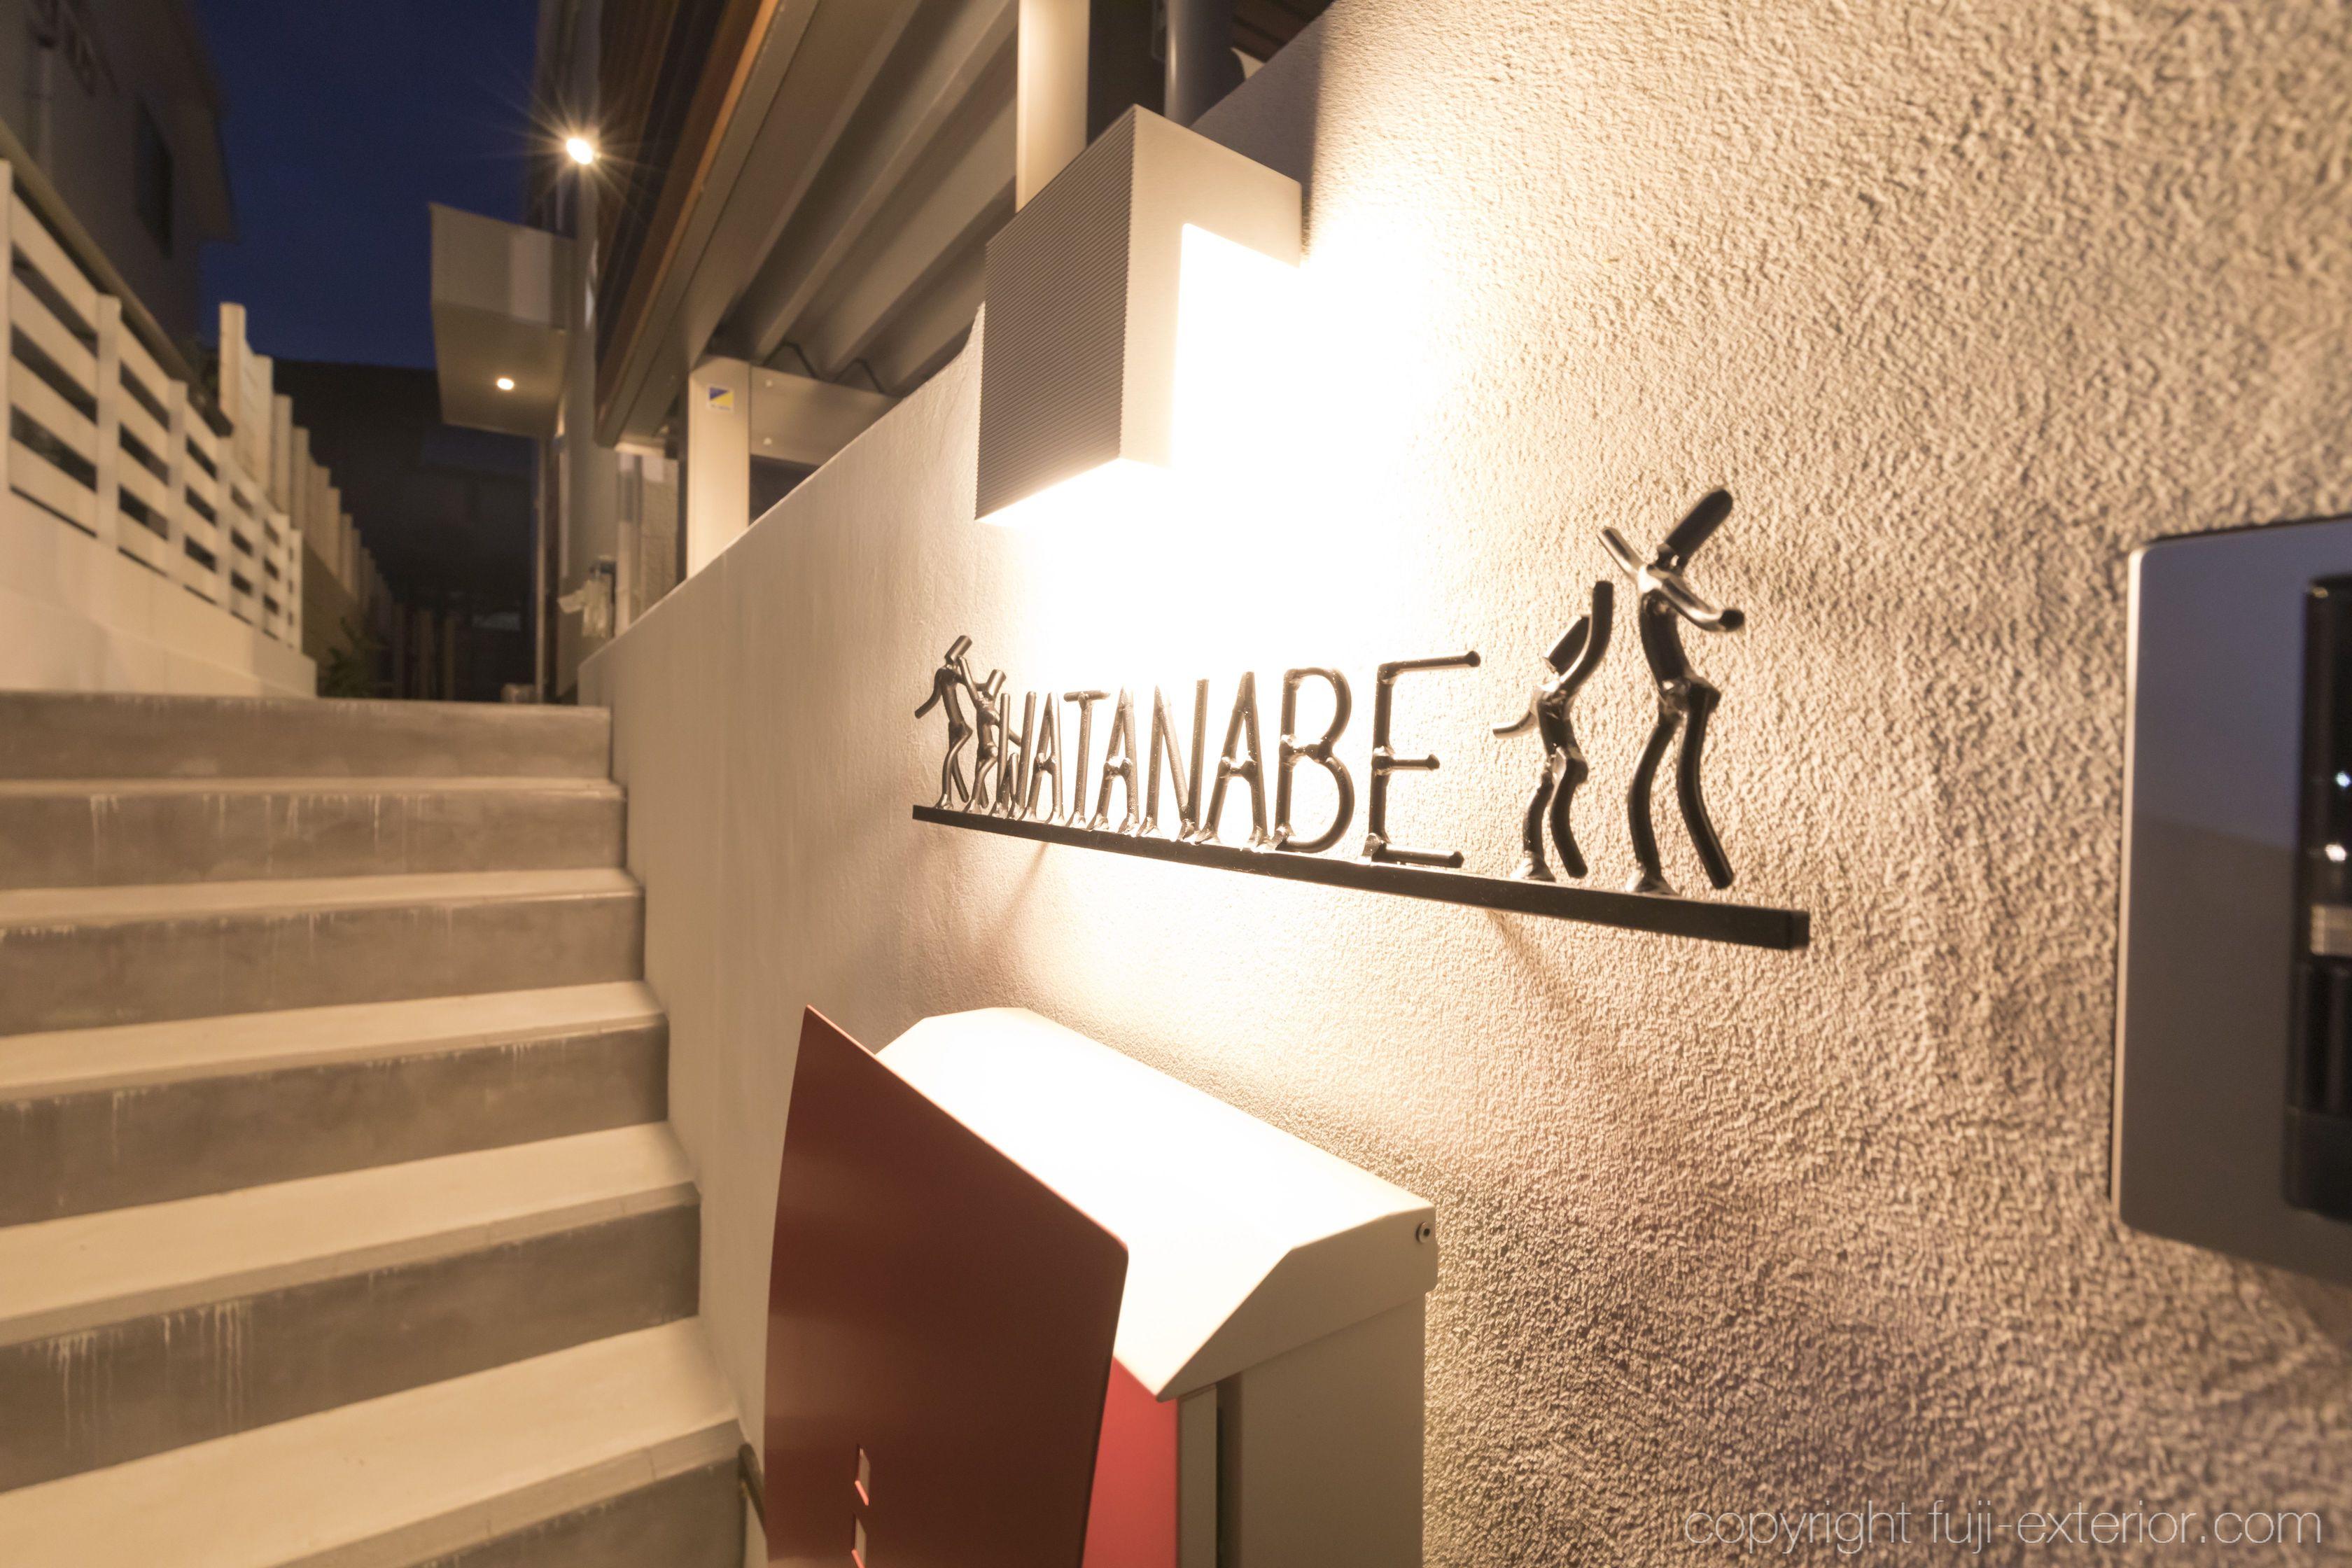 アプローチ 階段 玄関灯 ライト 照明 オリジナル表札 切文字 アイアン